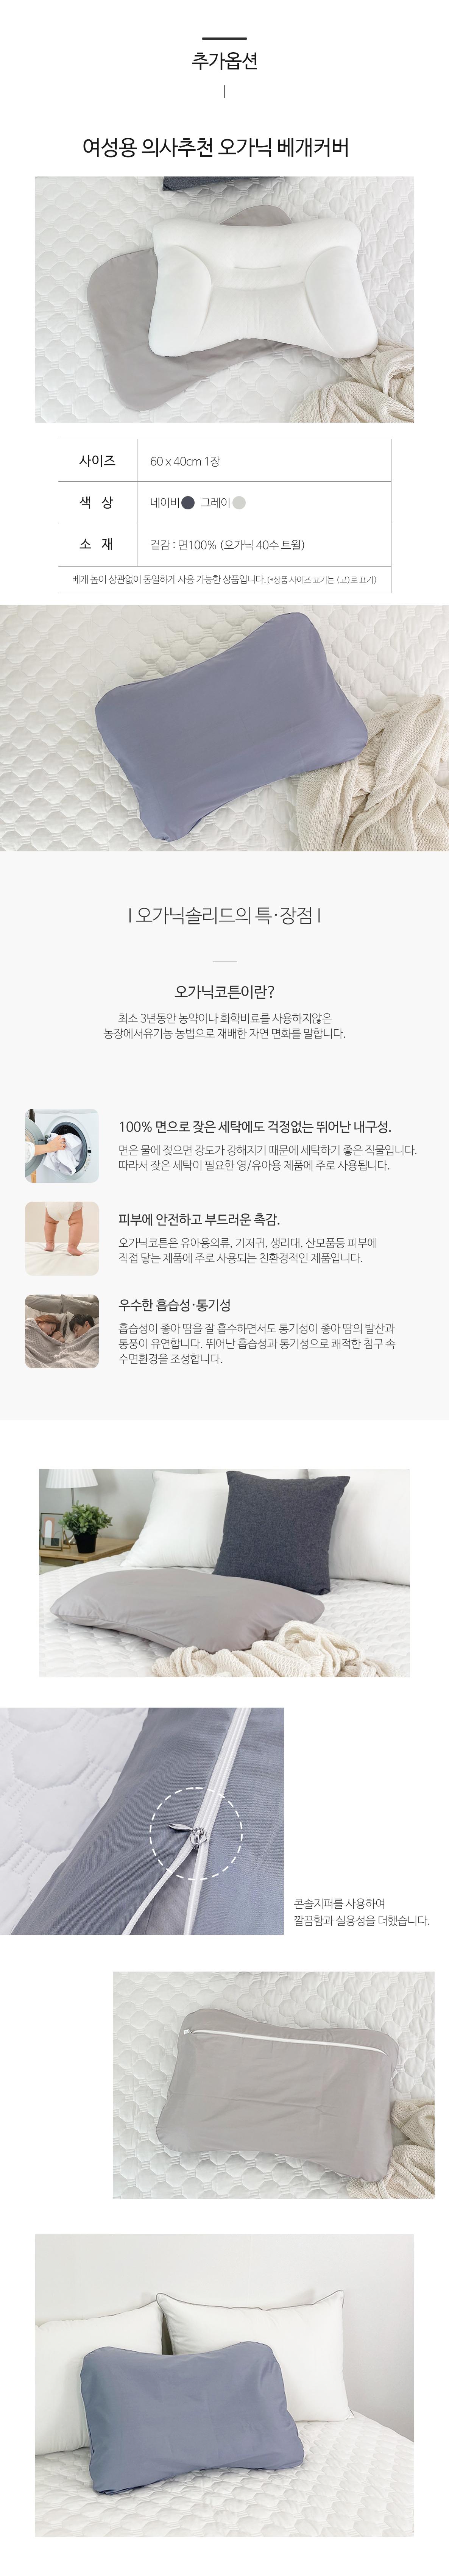 의사추천베개전용베개커버_여성용.jpg